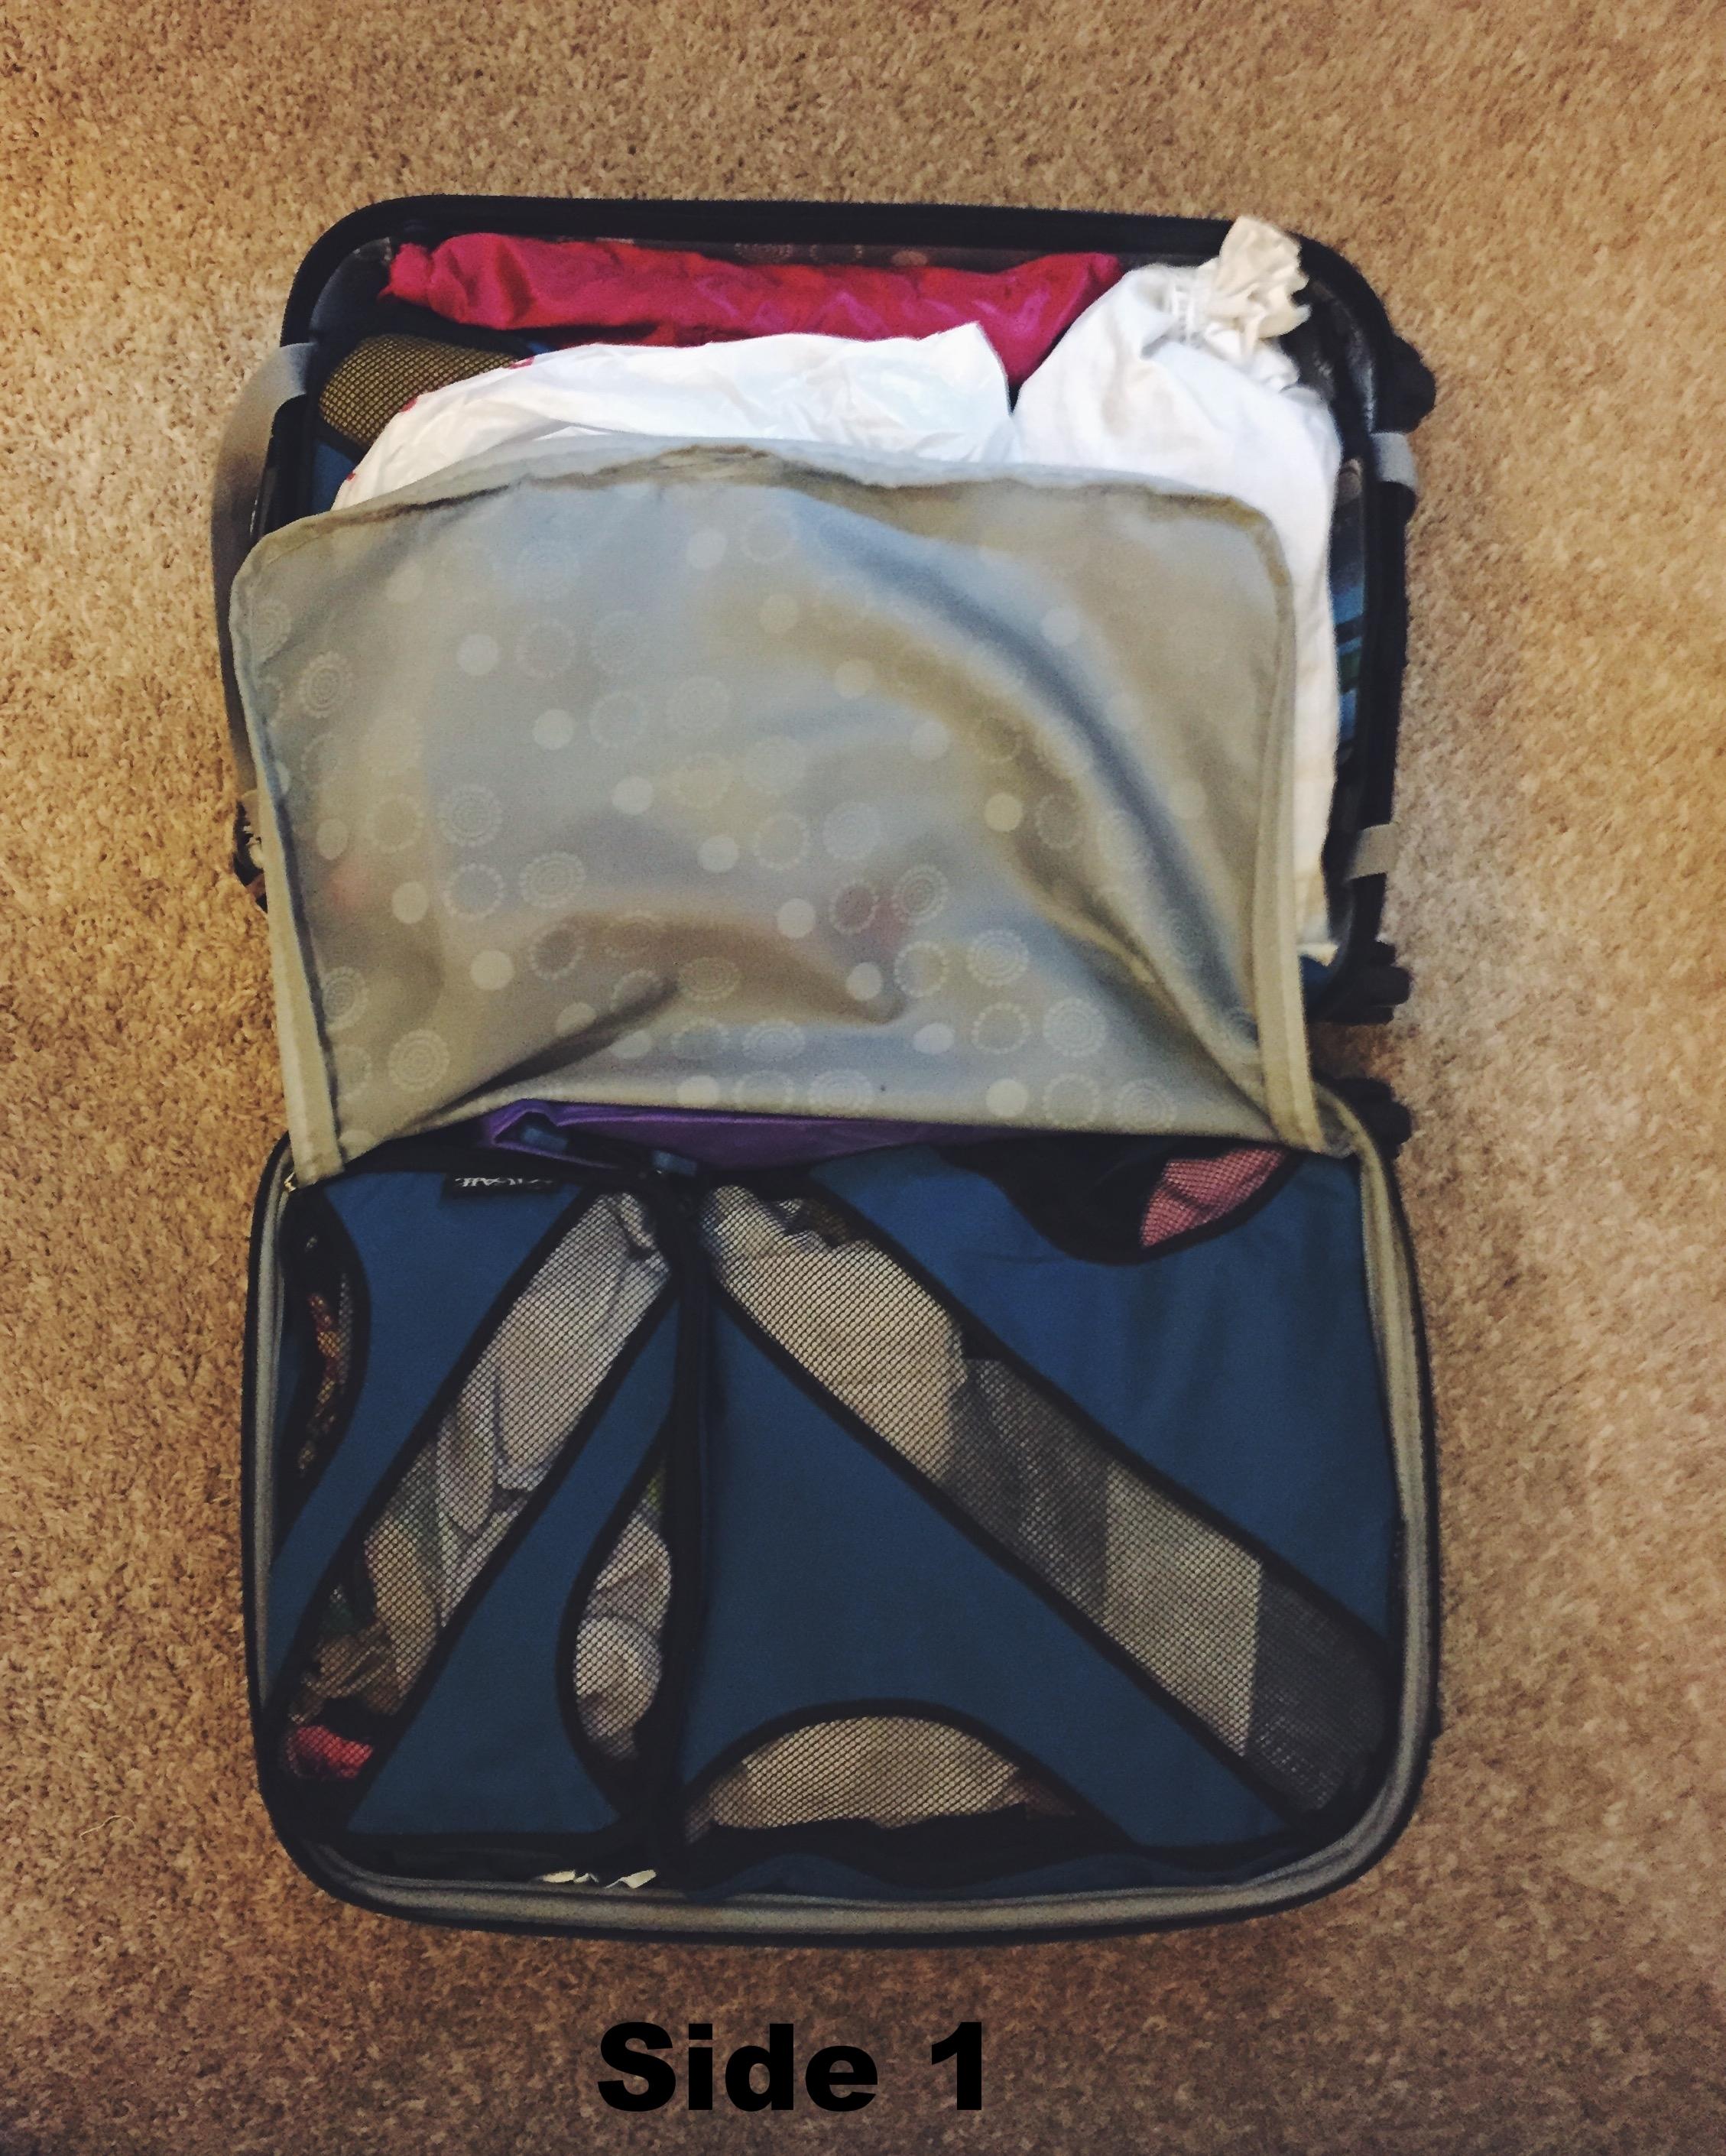 Luggage Layout